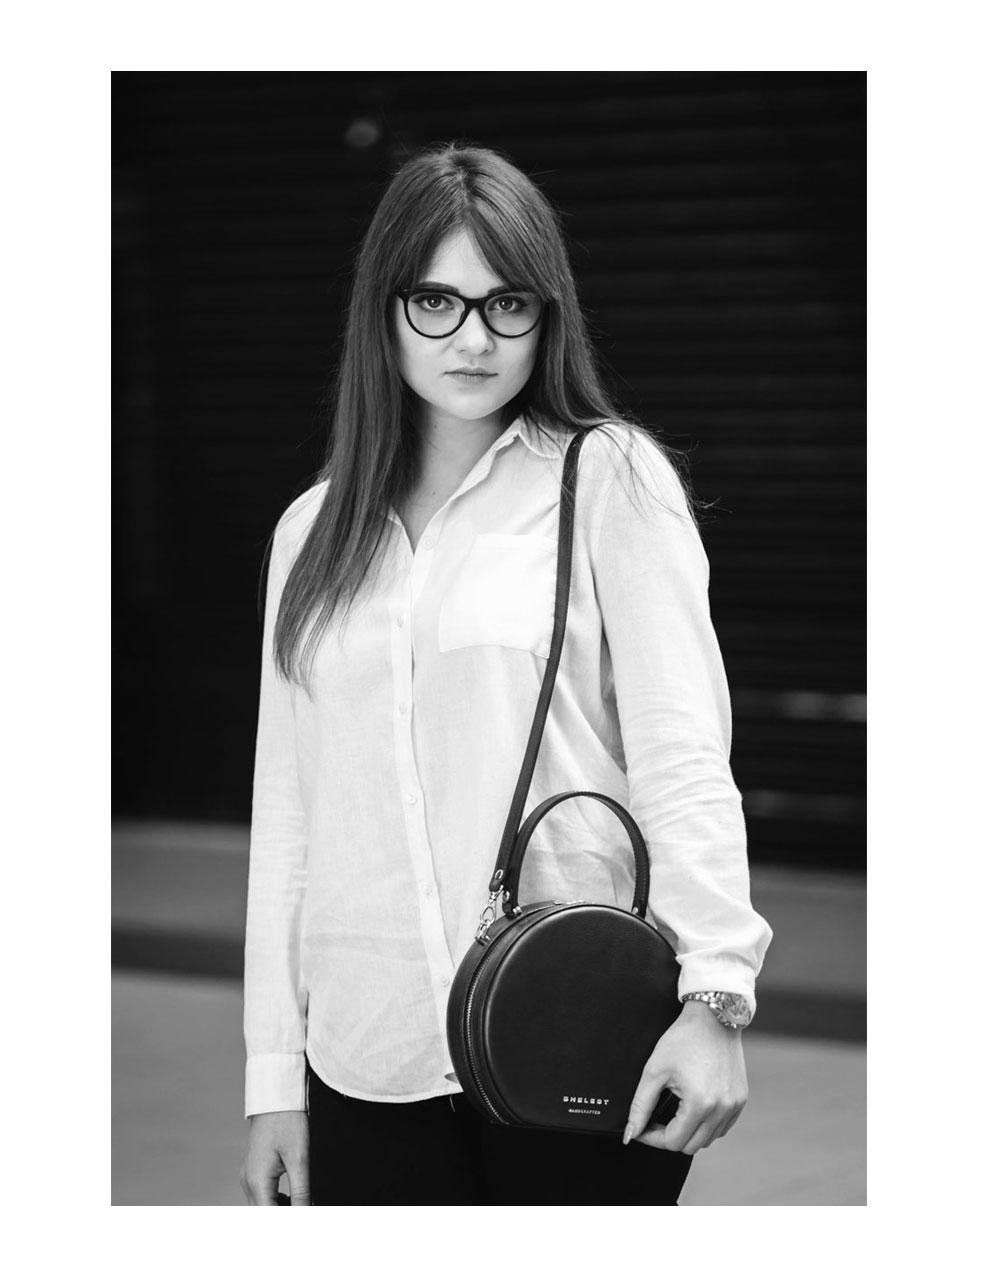 Sophie – skórzana okrągła torebka, czarny krokodyl / silver - SHELEST | JestemSlow.pl